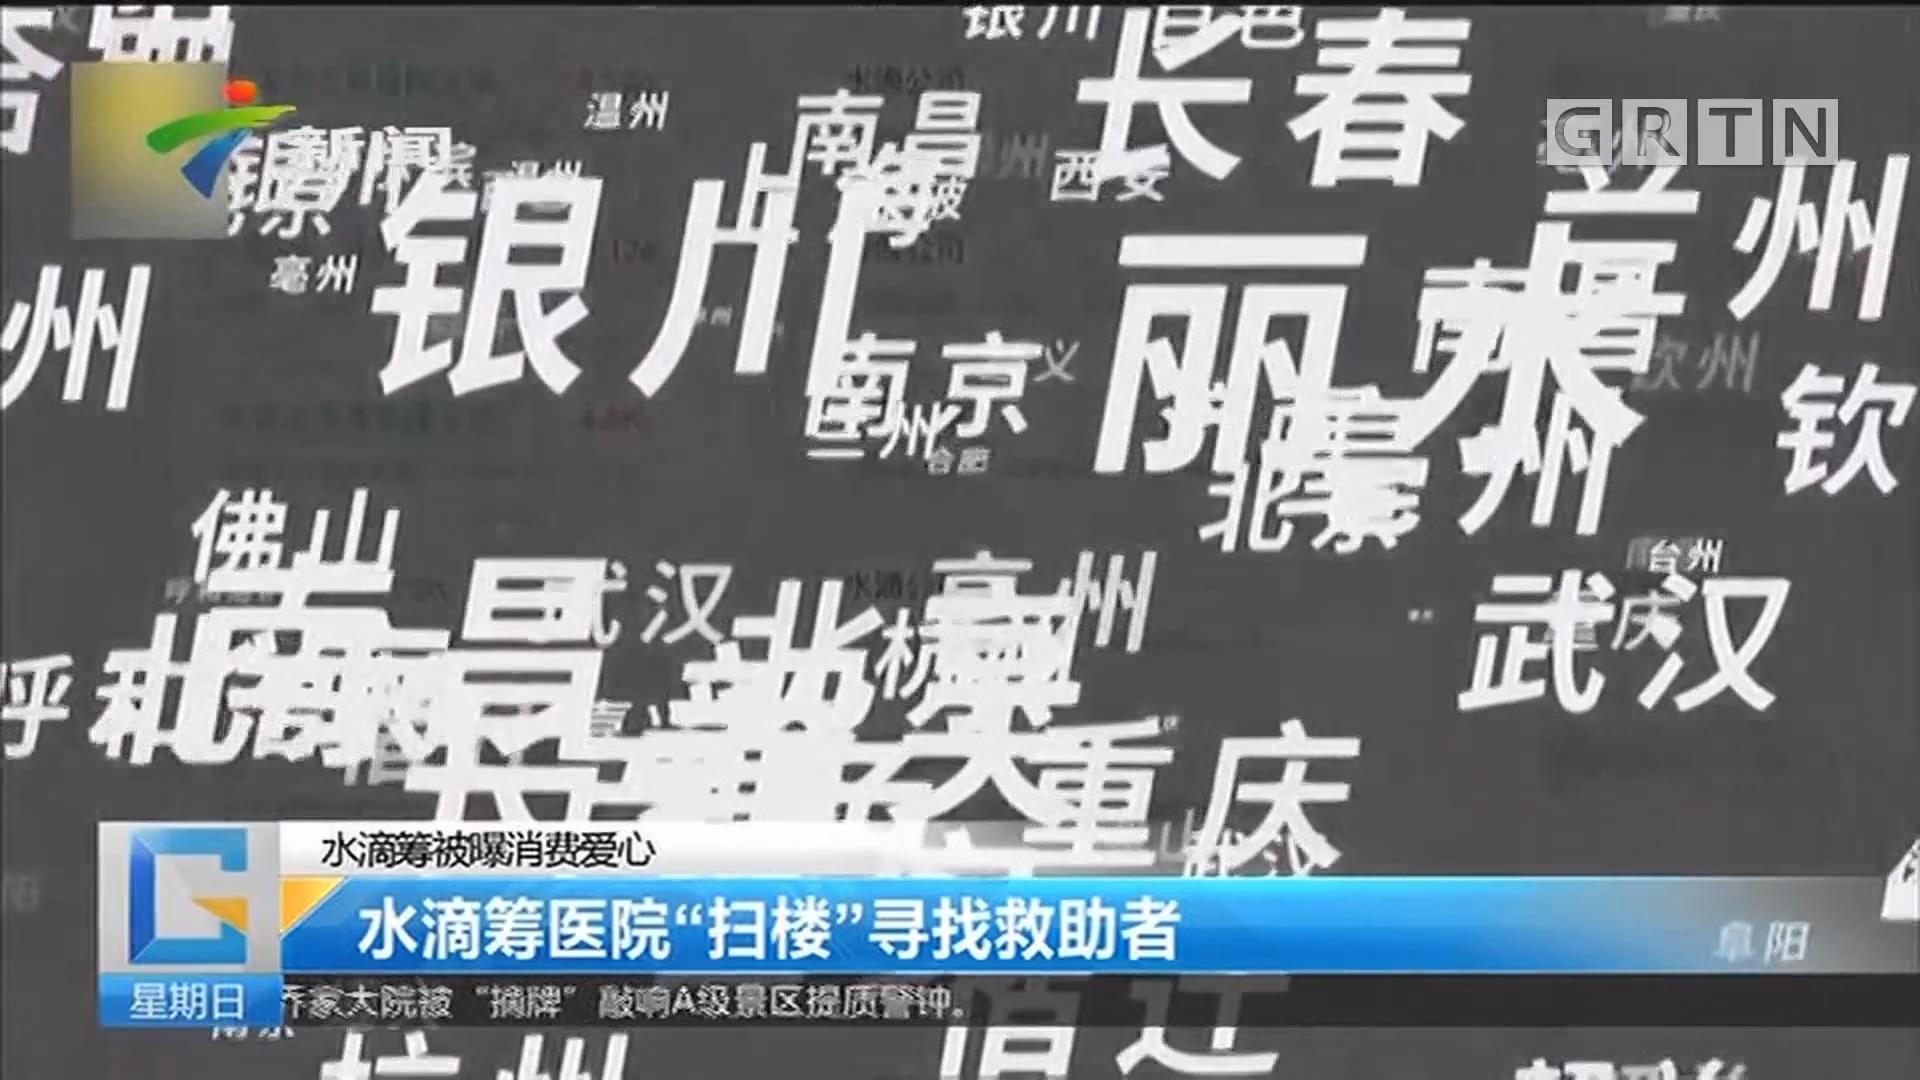 """水滴筹被曝消费爱心 水滴筹医院""""扫楼""""寻找救助者"""